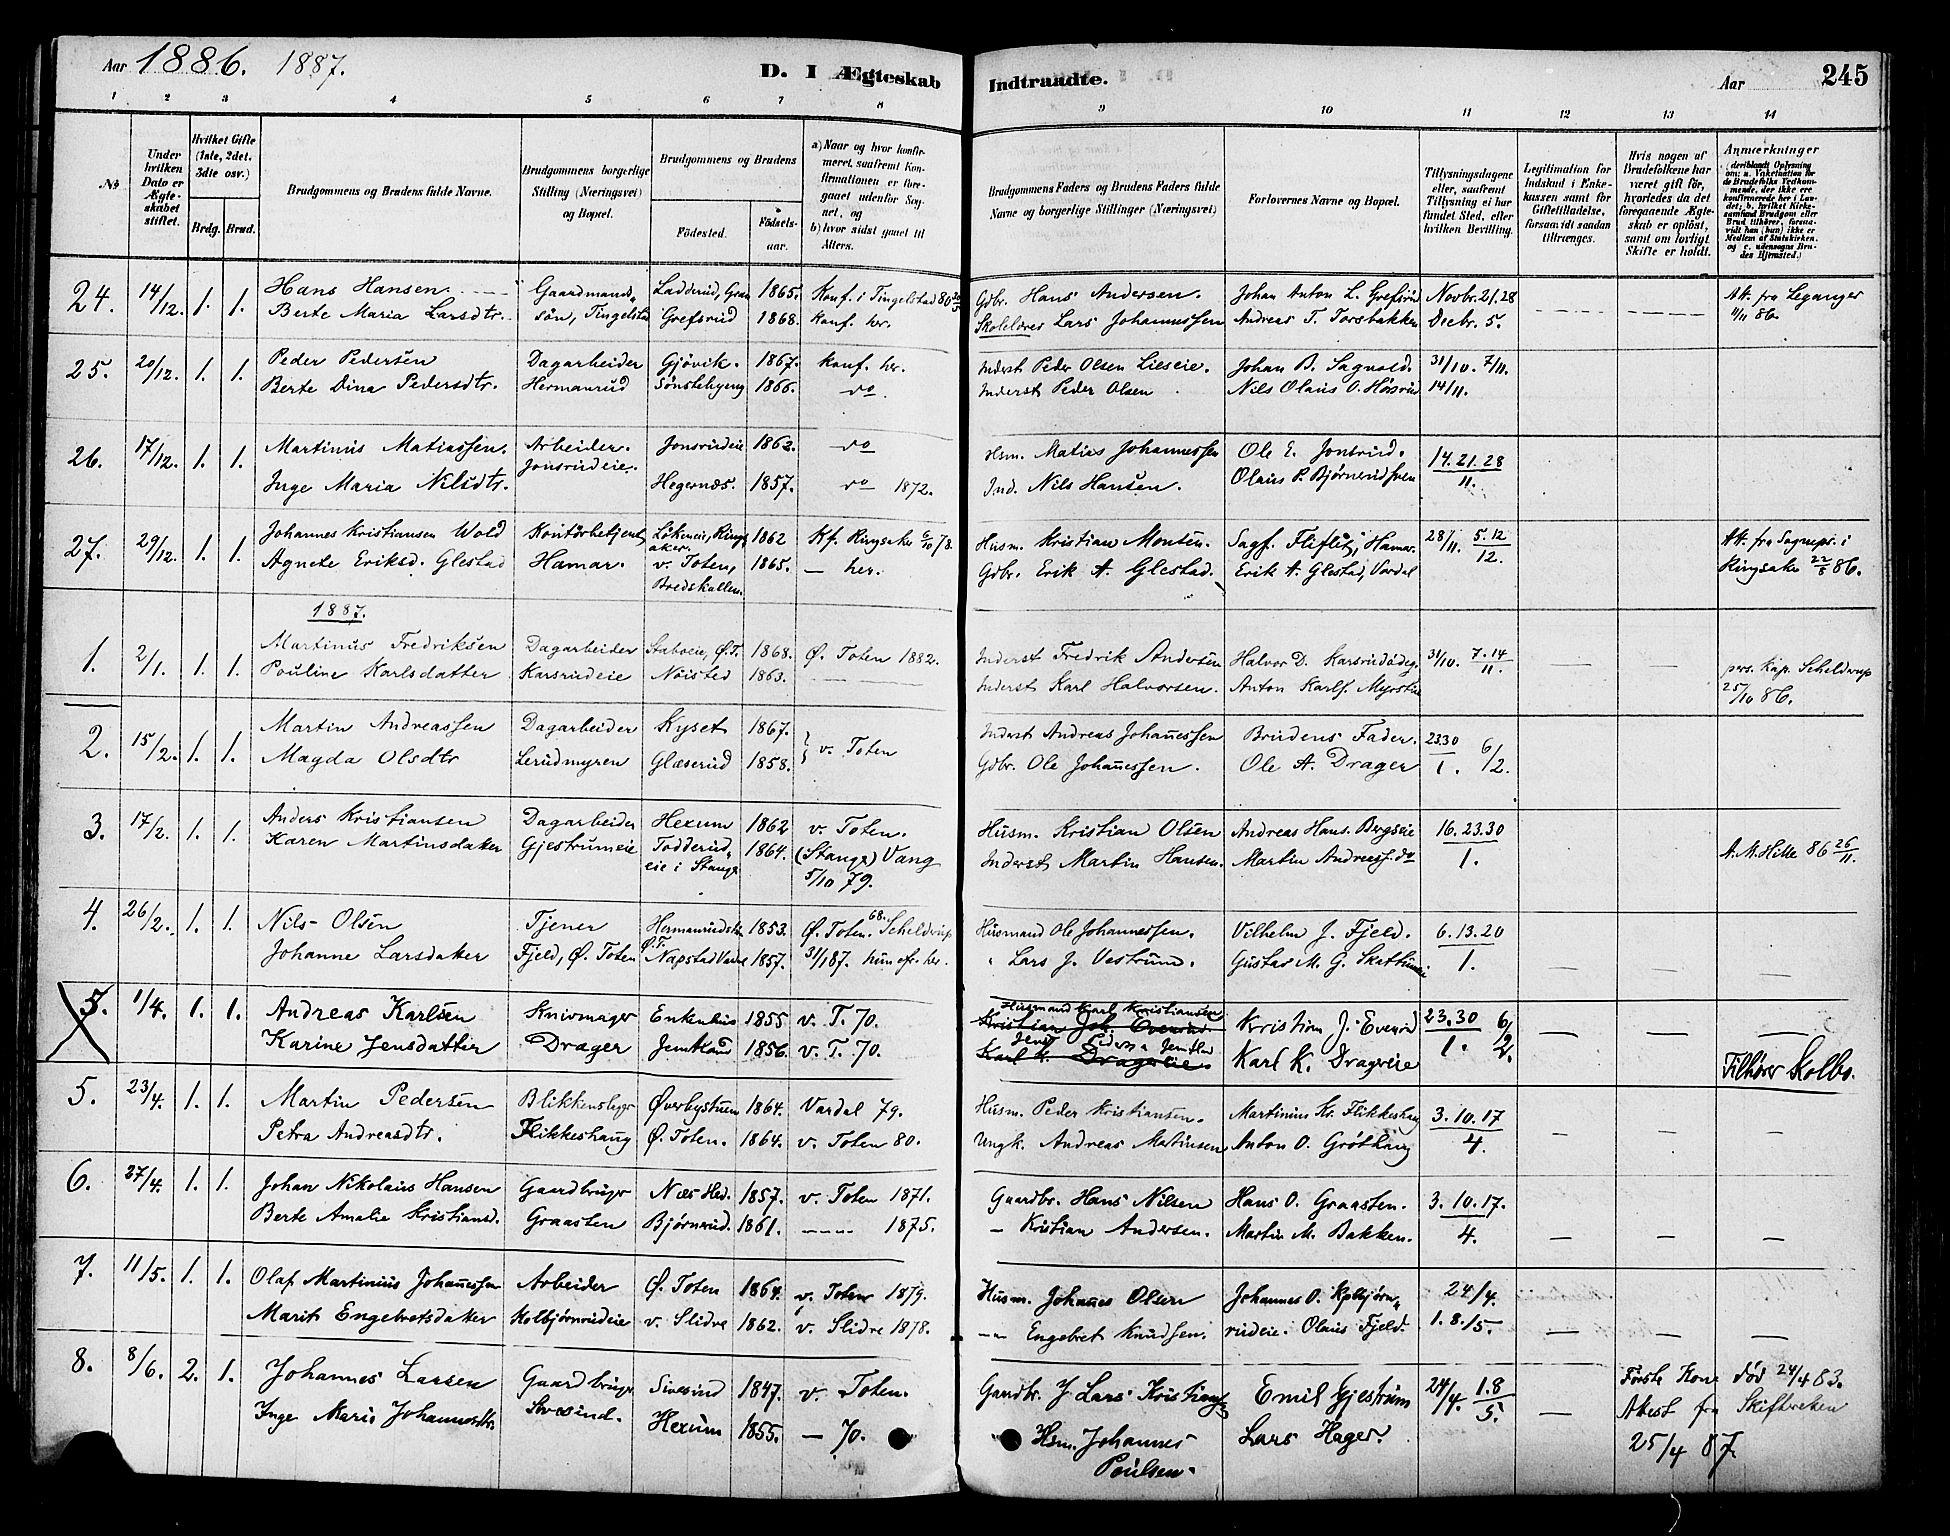 SAH, Vestre Toten prestekontor, Ministerialbok nr. 9, 1878-1894, s. 245